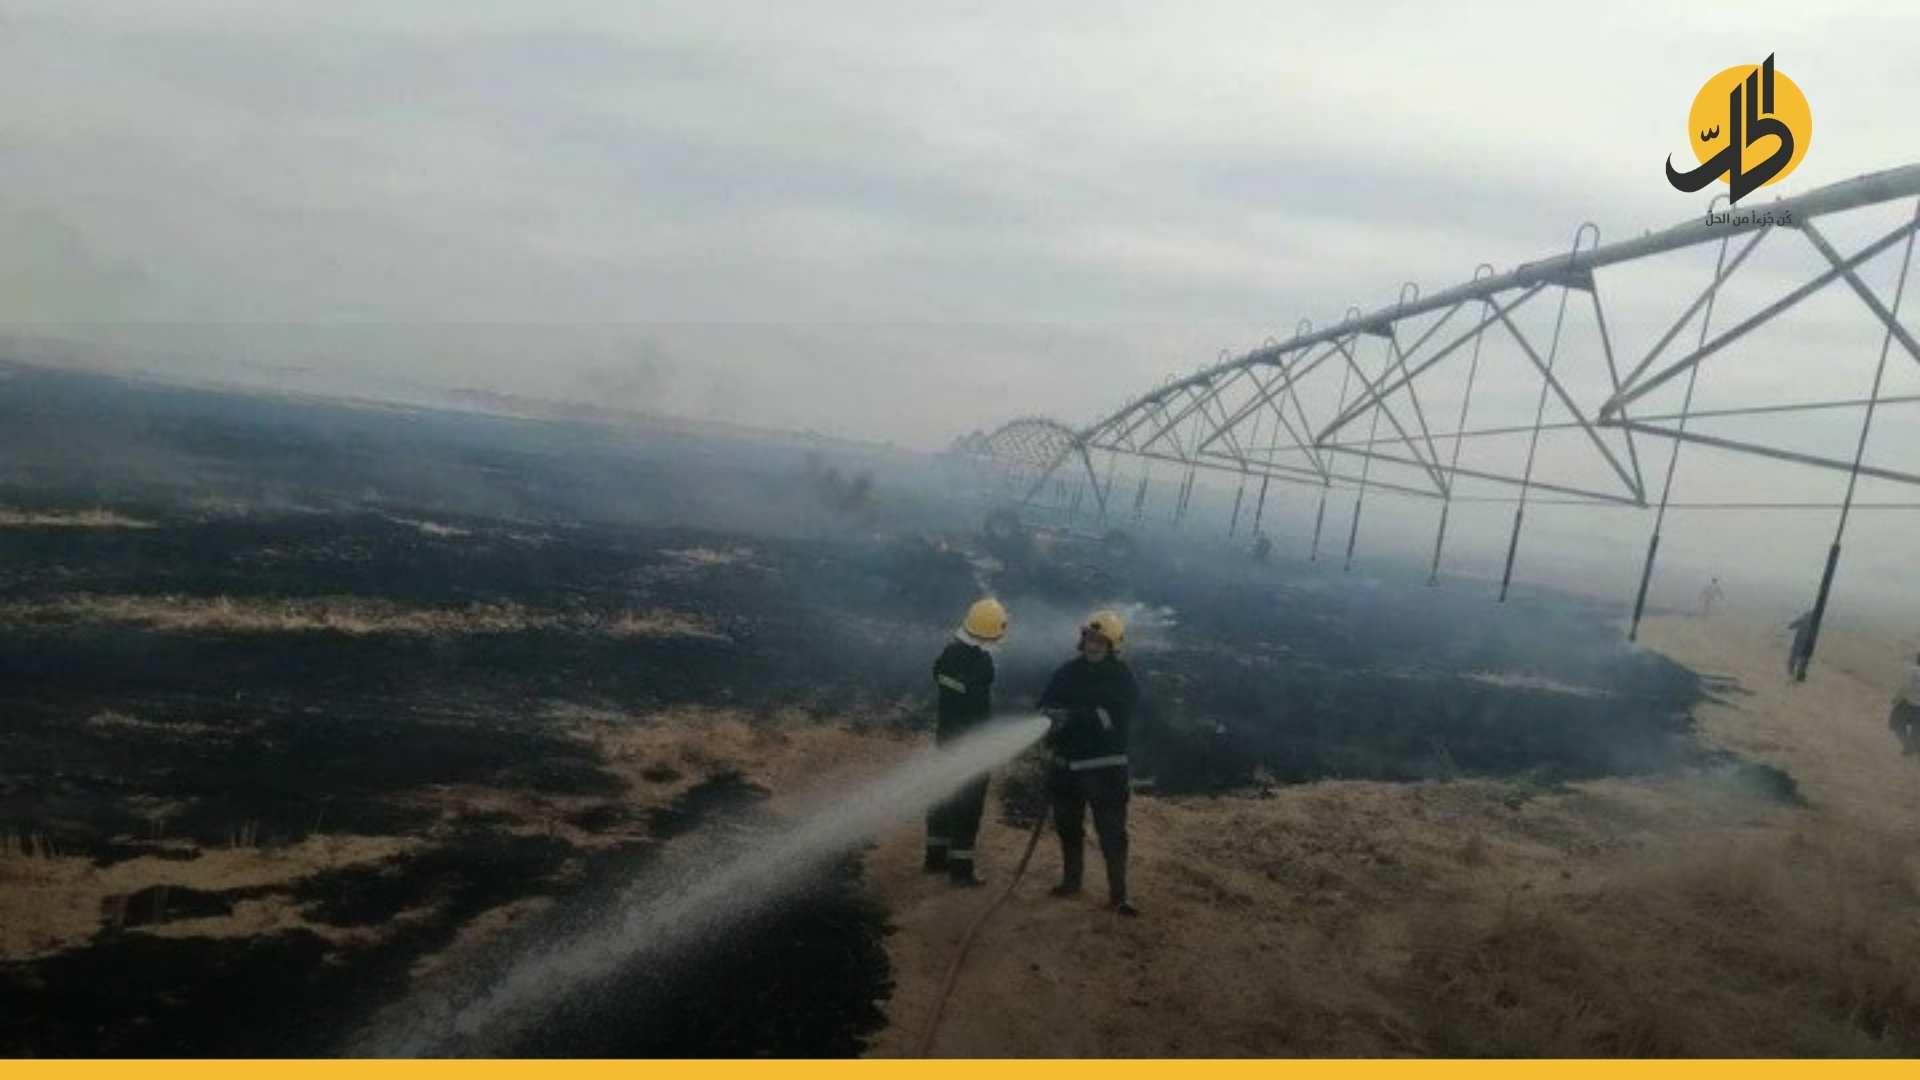 العراق: الكشف عن عدد الحرائق بالحقول الزراعية وأسبابها